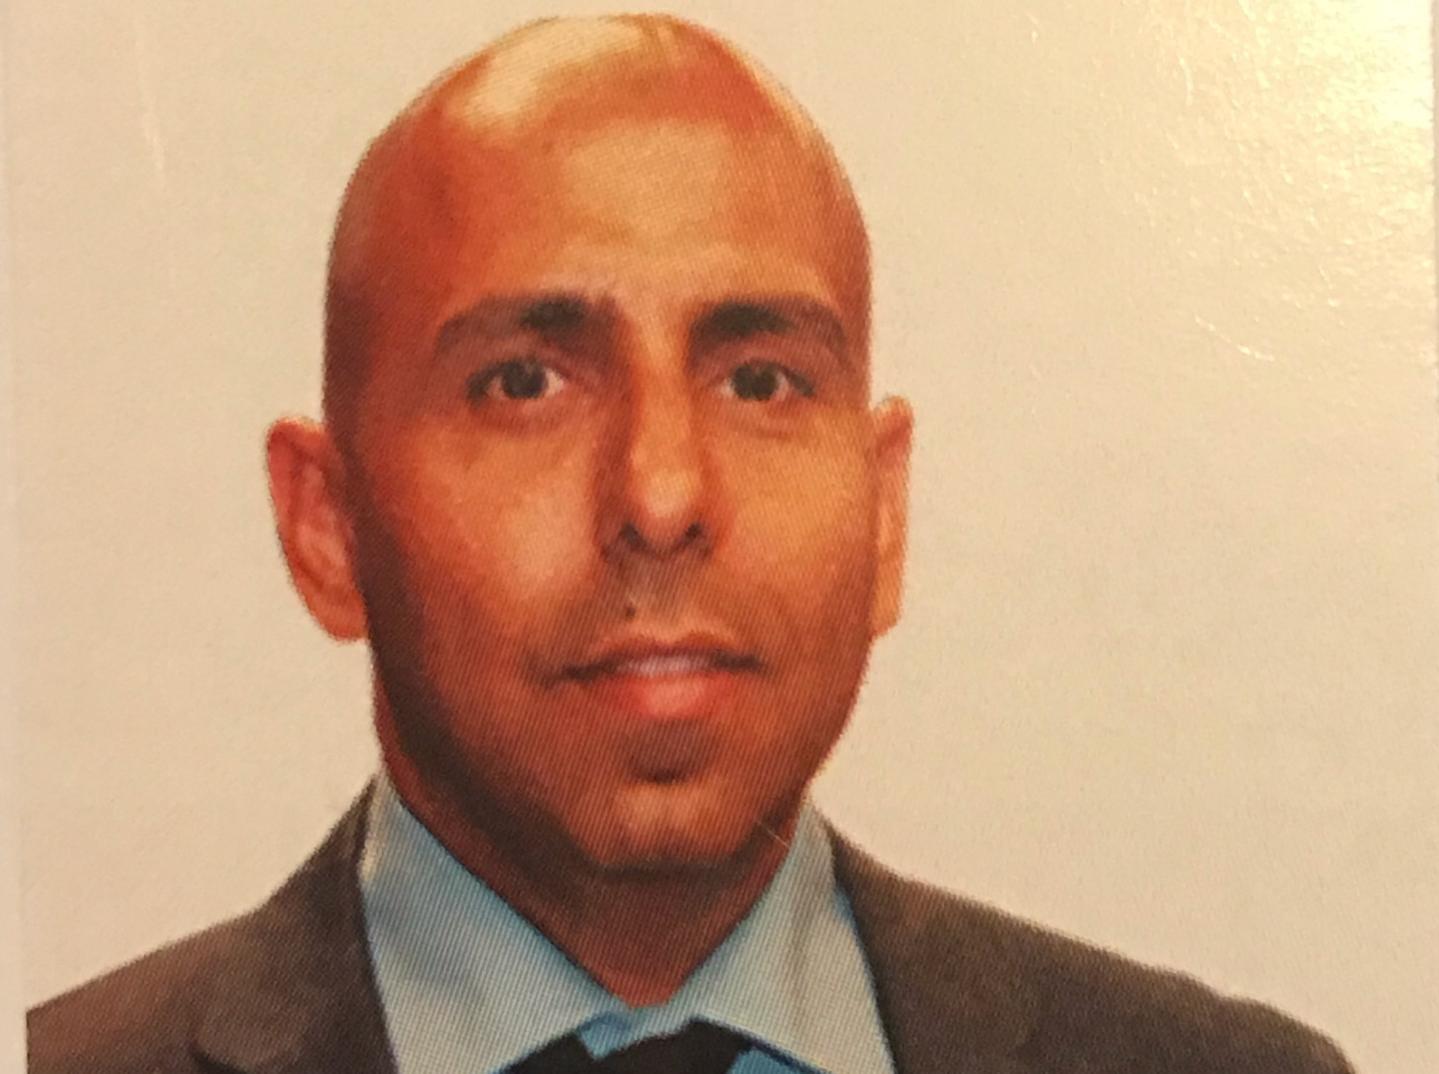 Alaa Matari